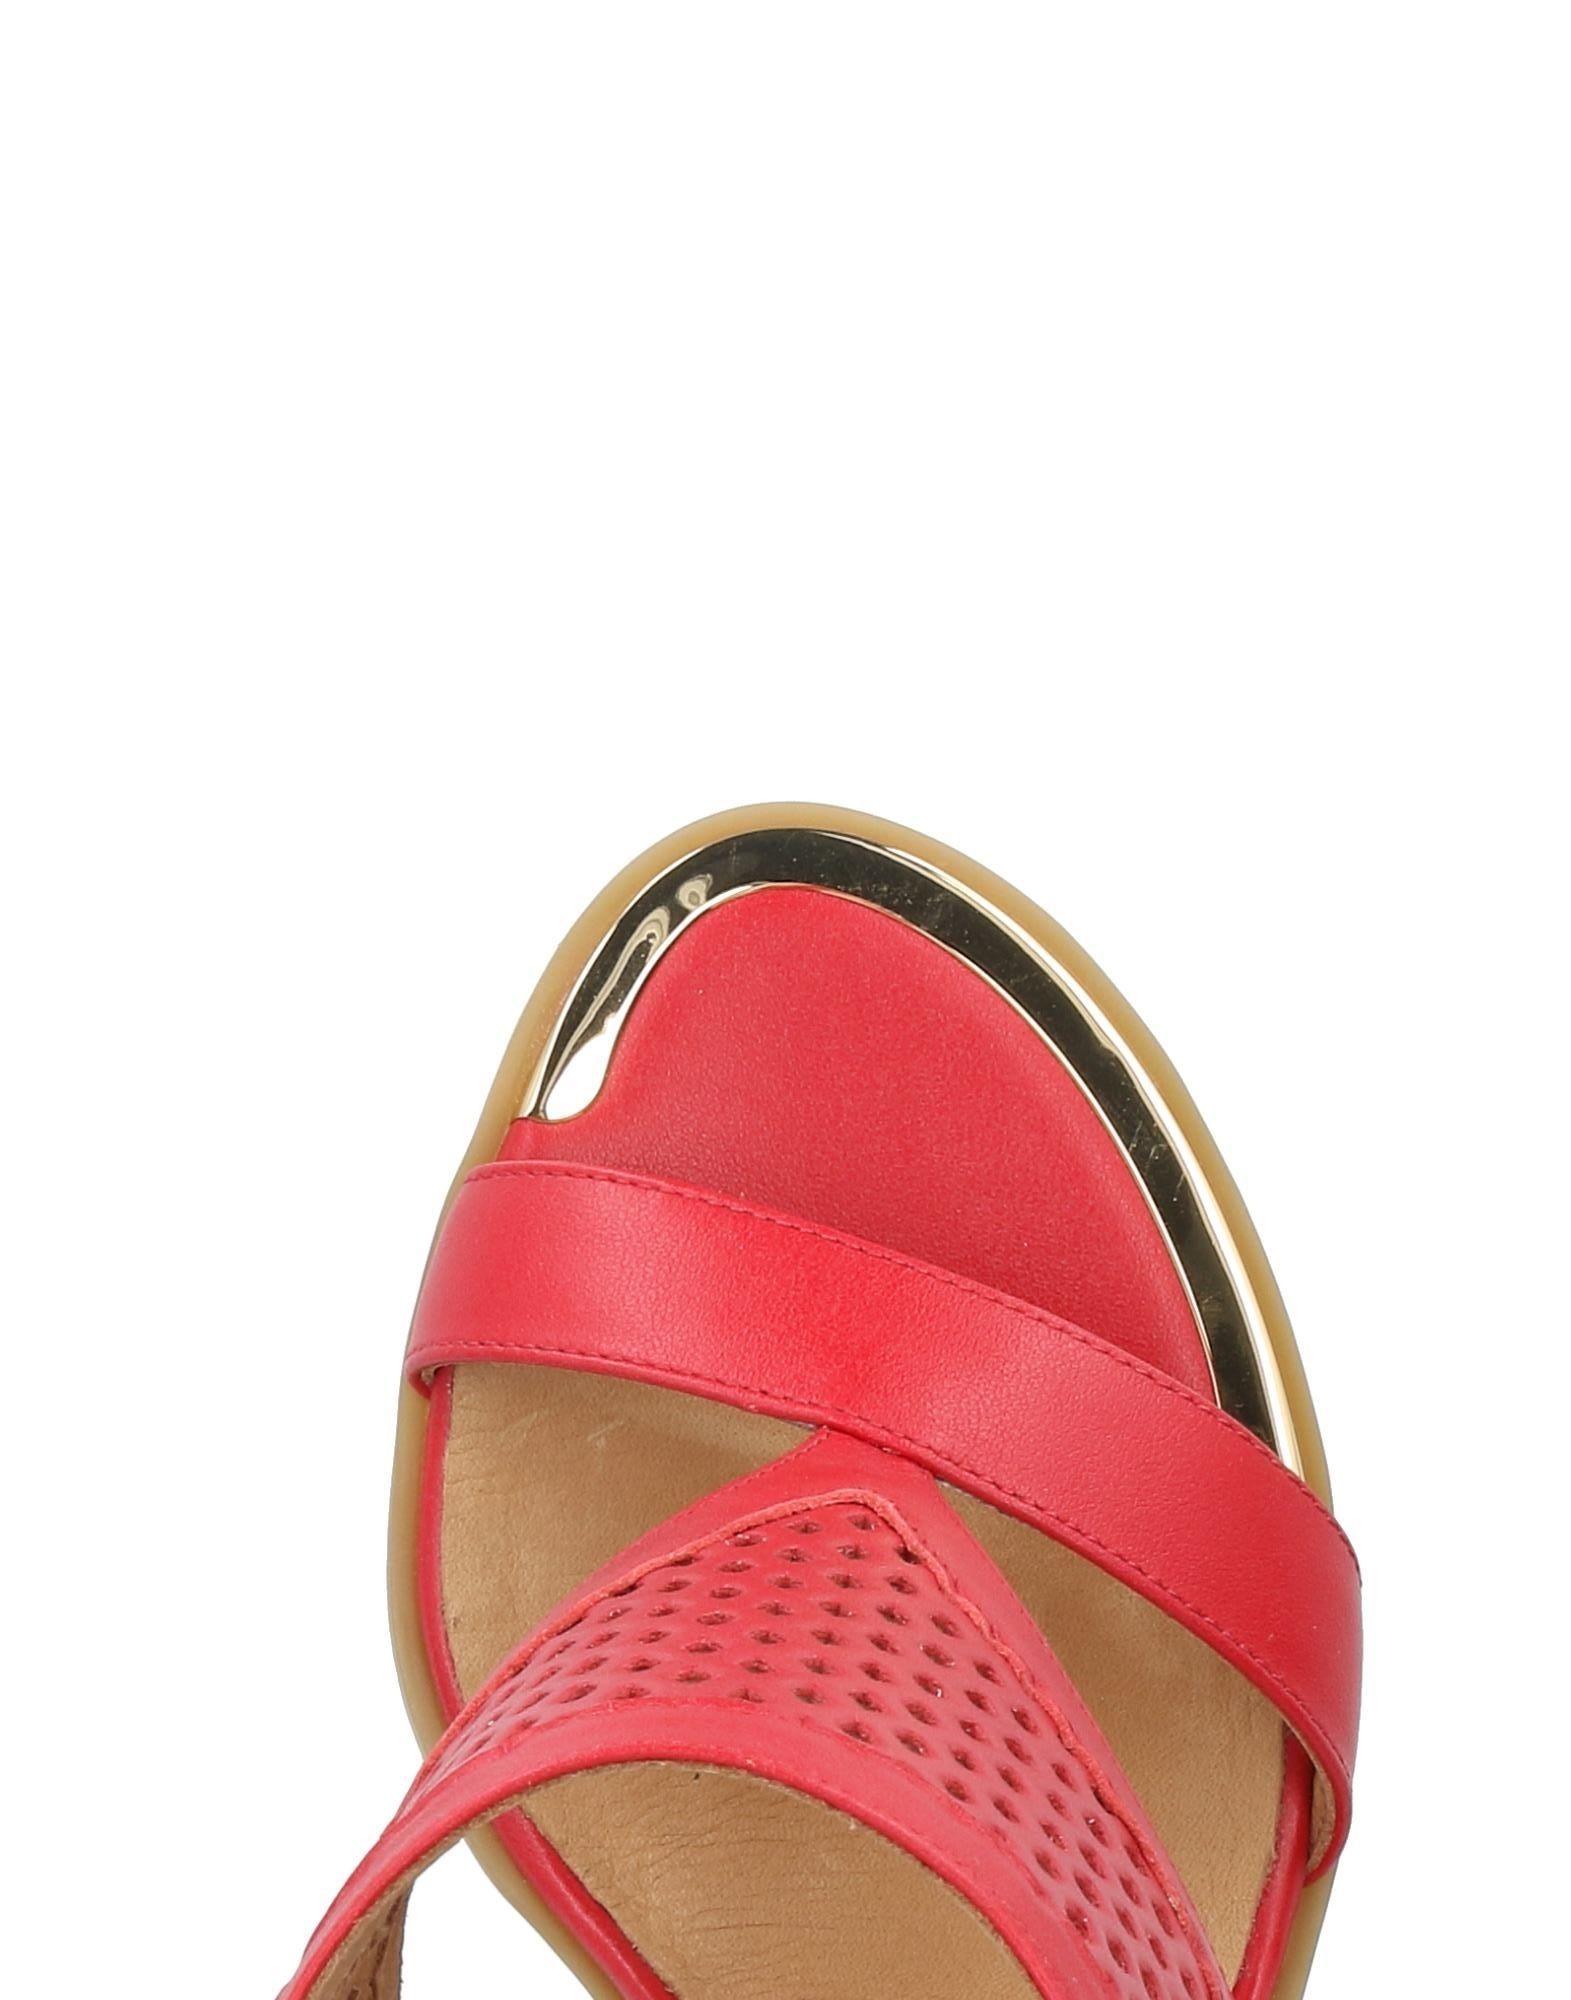 Sandales Loriblu Femme - Sandales Loriblu sur